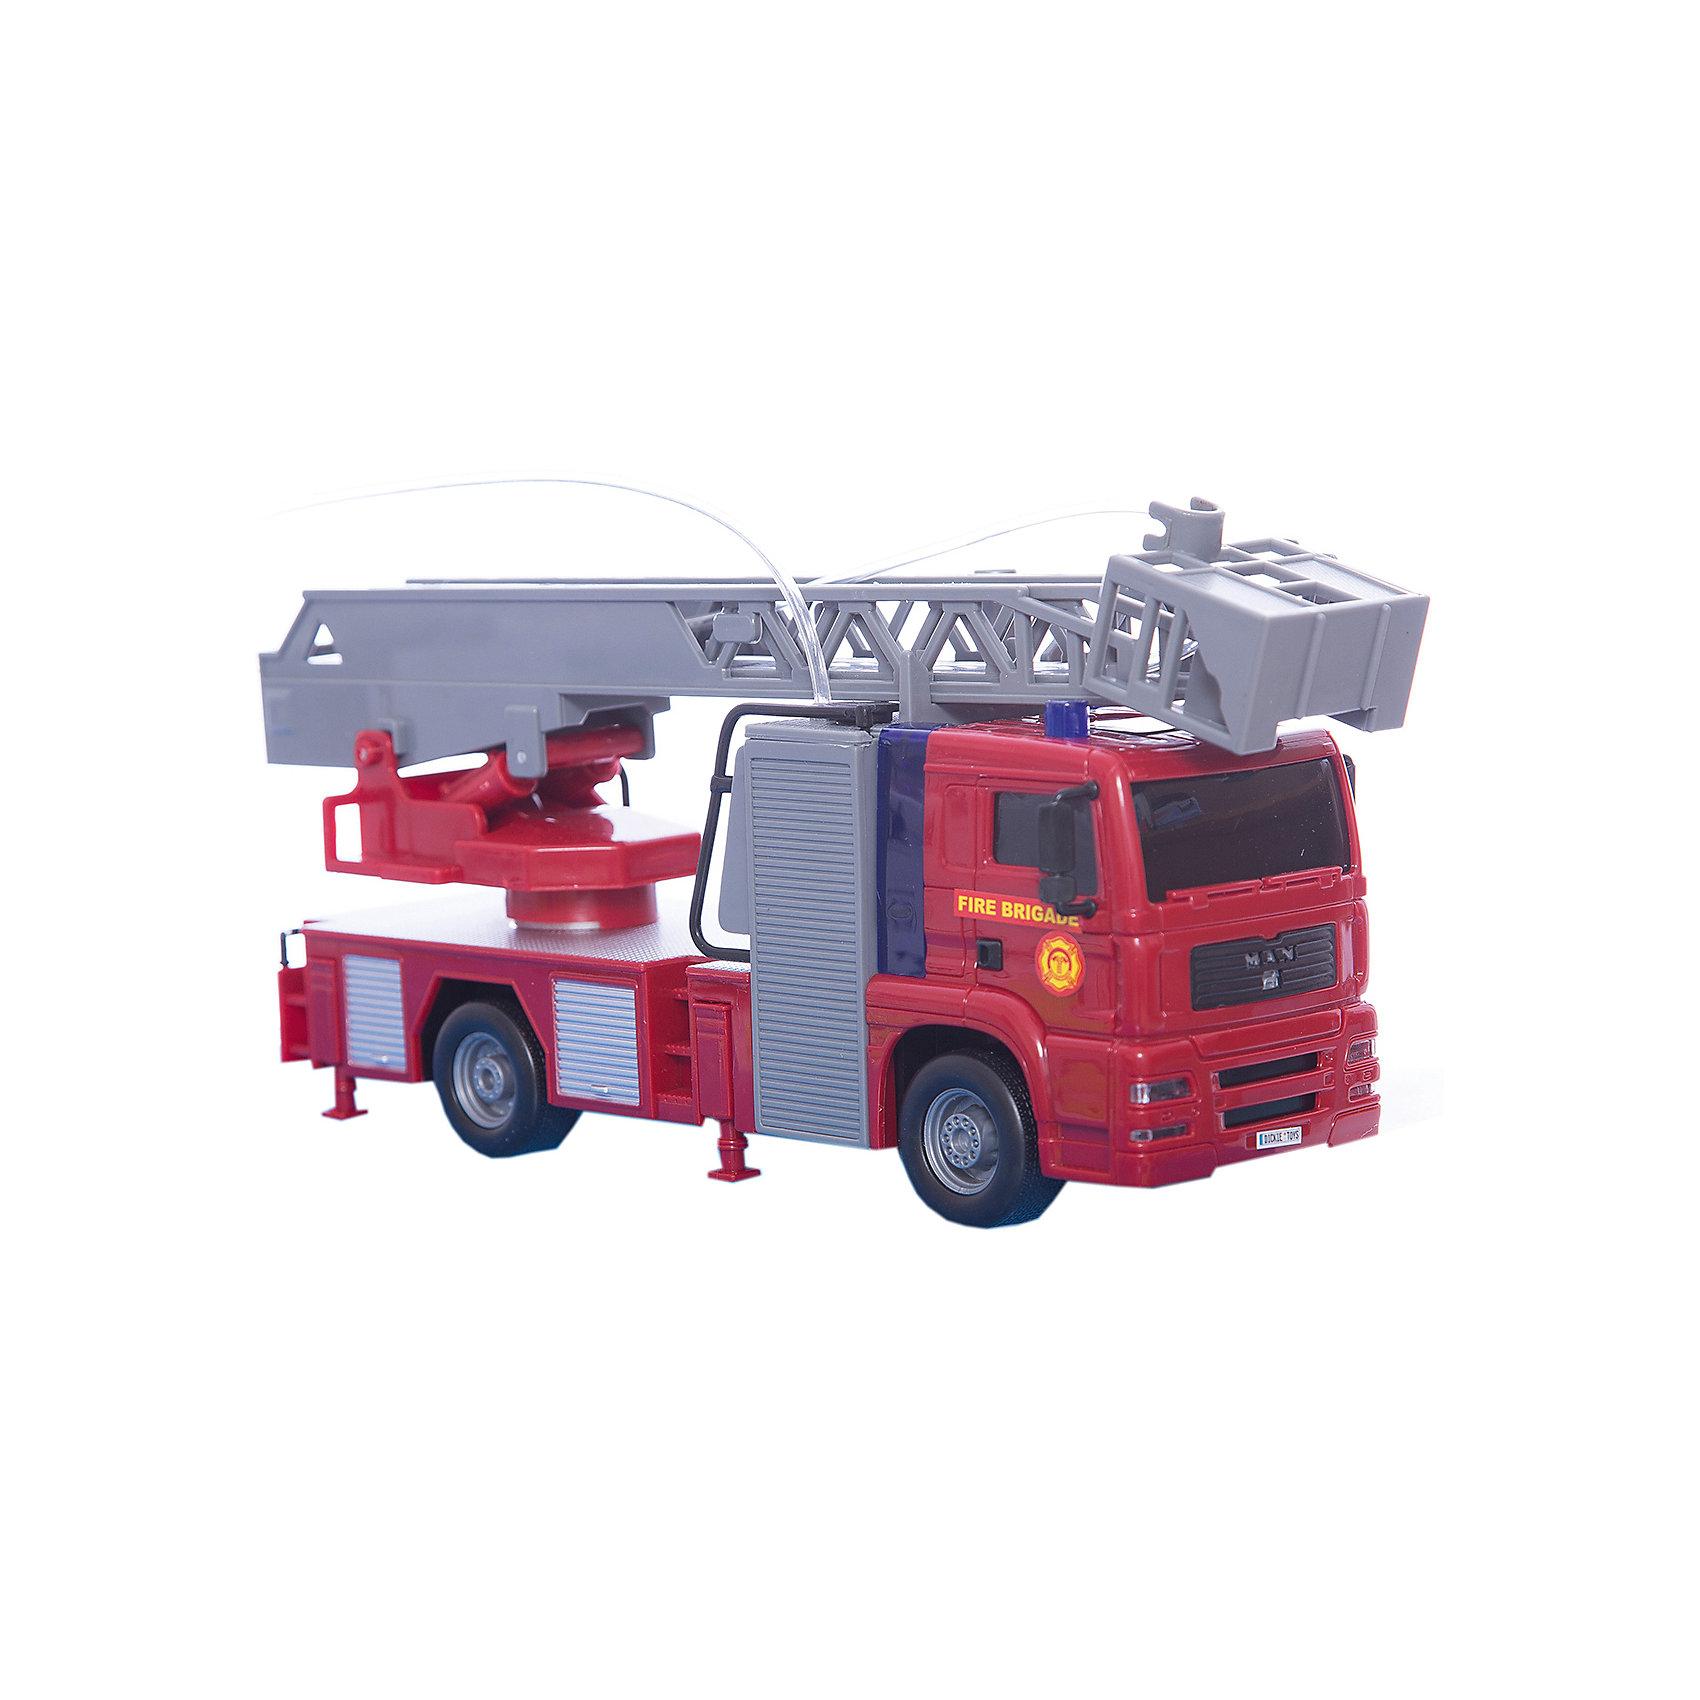 Пожарная машина, 31 см, Dickie ToysМашинки<br>Характеристики:<br><br>• длина машины: 31 см;<br>• длина лестницы: 47 см;<br>• особенности: световые и звуковые эффекты, разбрызгивание воды;<br>• батарейки входят в комплект набора: 2 шт. типа АА;<br>• материал: пластик;<br>• размер упаковки: 34,5х17х10 см.<br><br>Функциональная пожарная машина Dickie Toys с выдвижной лестницей оснащена световыми и звуковыми эффектами. Наличие водомета делает игру реалистичнее и интереснее. Резервуар наполняется водой, струйки воды разбрызгиваются – пожар потушен.<br><br>Пожарную машину, 31 см, Dickie Toys можно купить в нашем магазине.<br><br>Ширина мм: 100<br>Глубина мм: 170<br>Высота мм: 345<br>Вес г: 711<br>Возраст от месяцев: 36<br>Возраст до месяцев: 120<br>Пол: Мужской<br>Возраст: Детский<br>SKU: 5295521